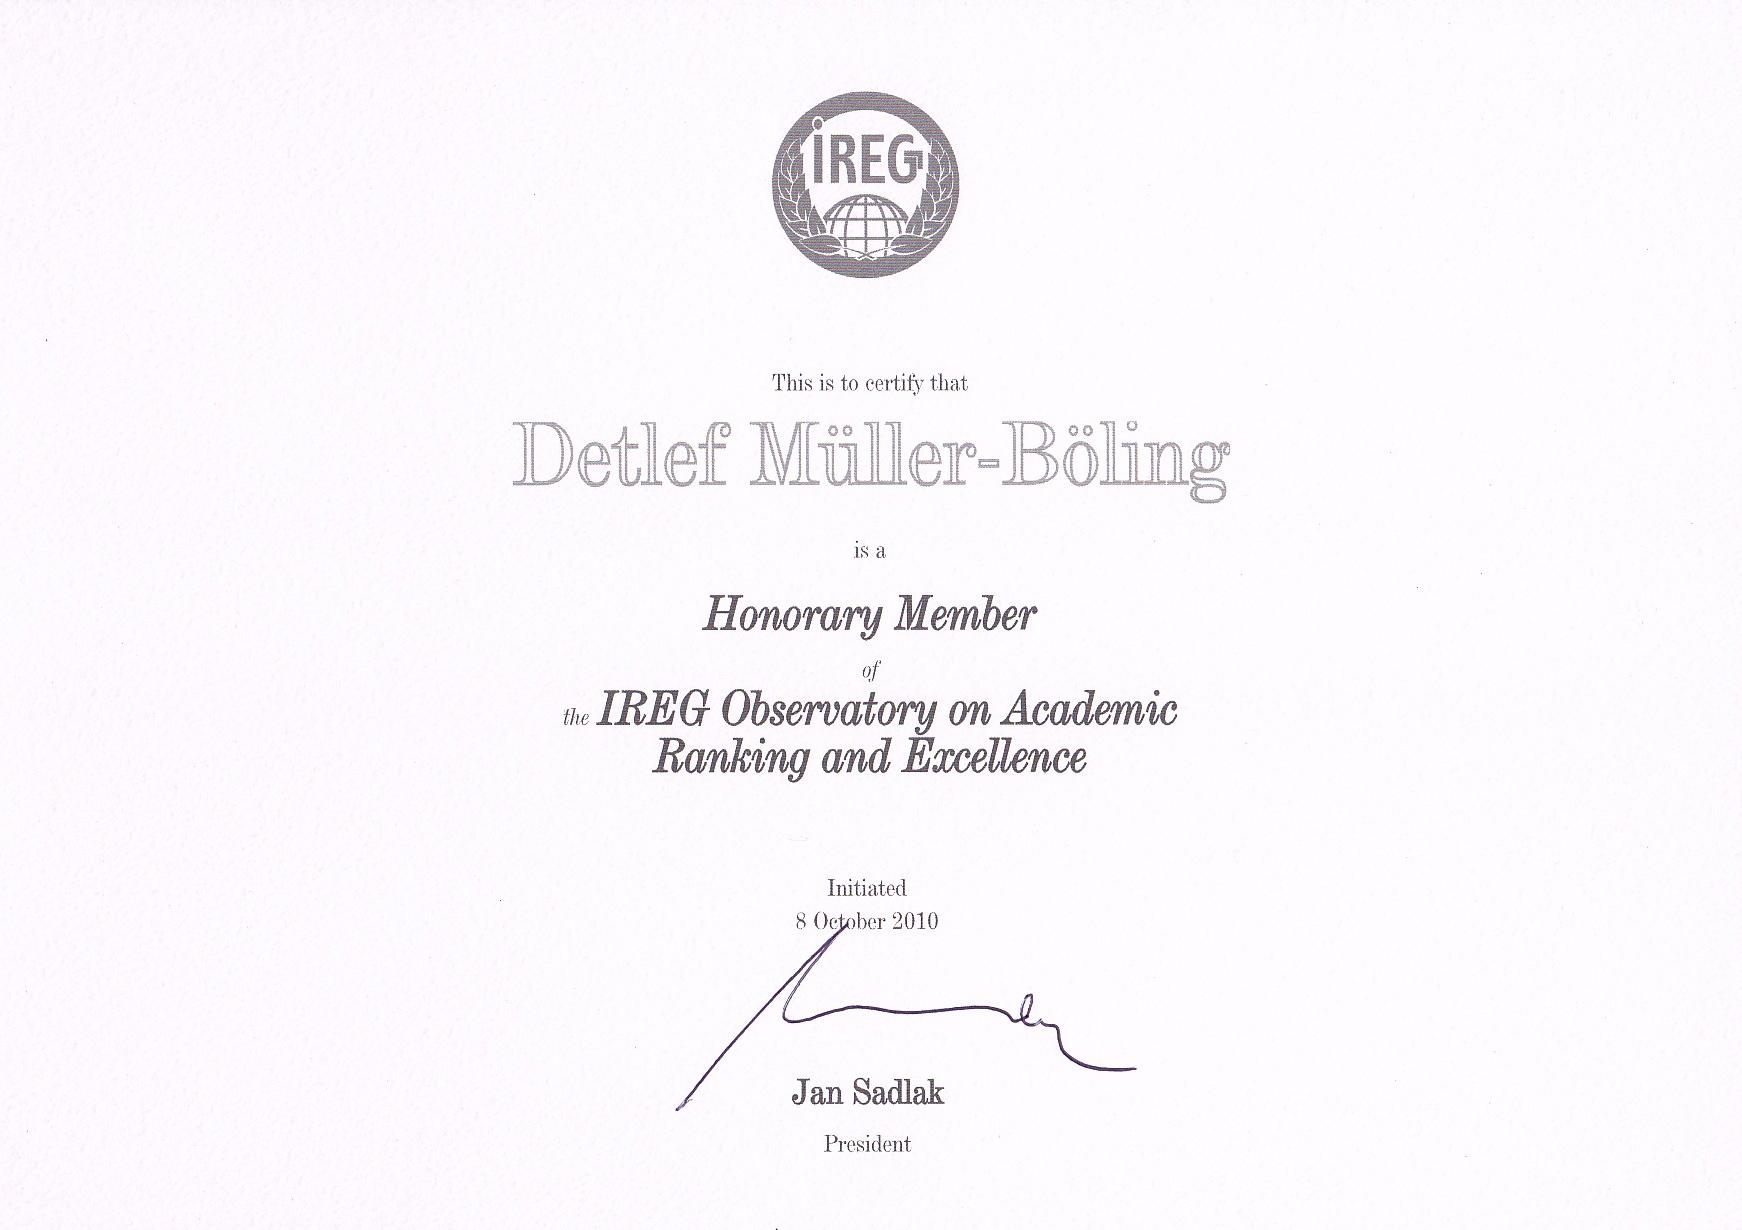 2010_10_08 IREG Honory Member Urkunde